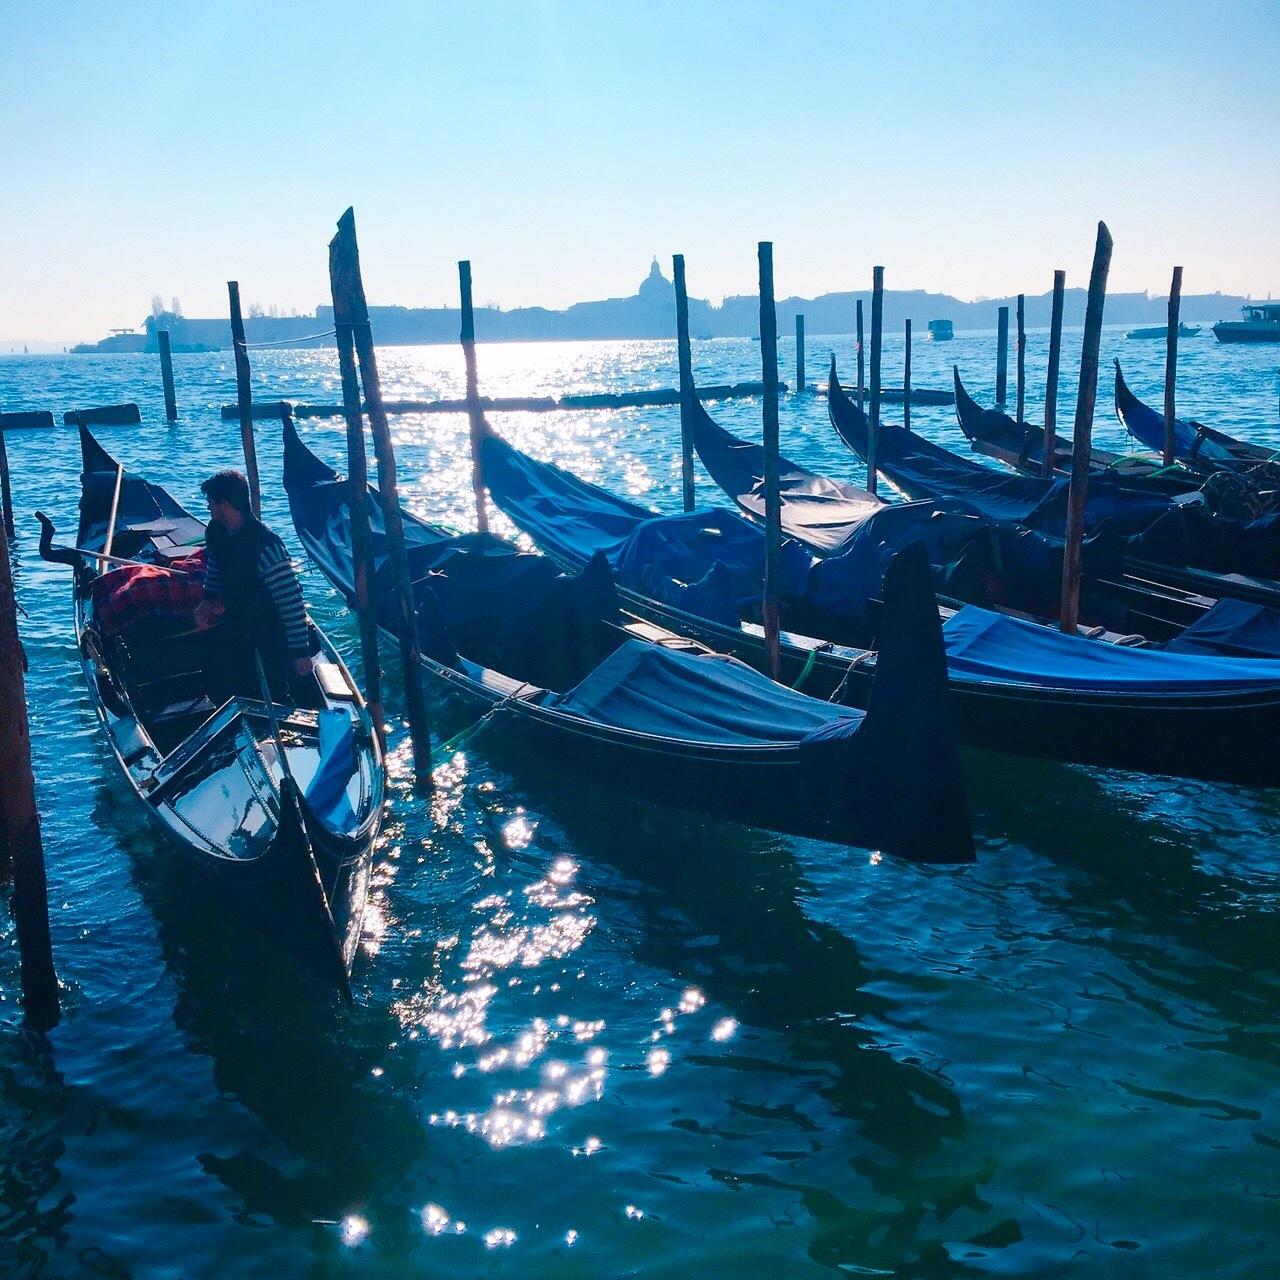 ロマンチックなイタリア旅行 --水の都【ベネチア】を観光--_1_3-2